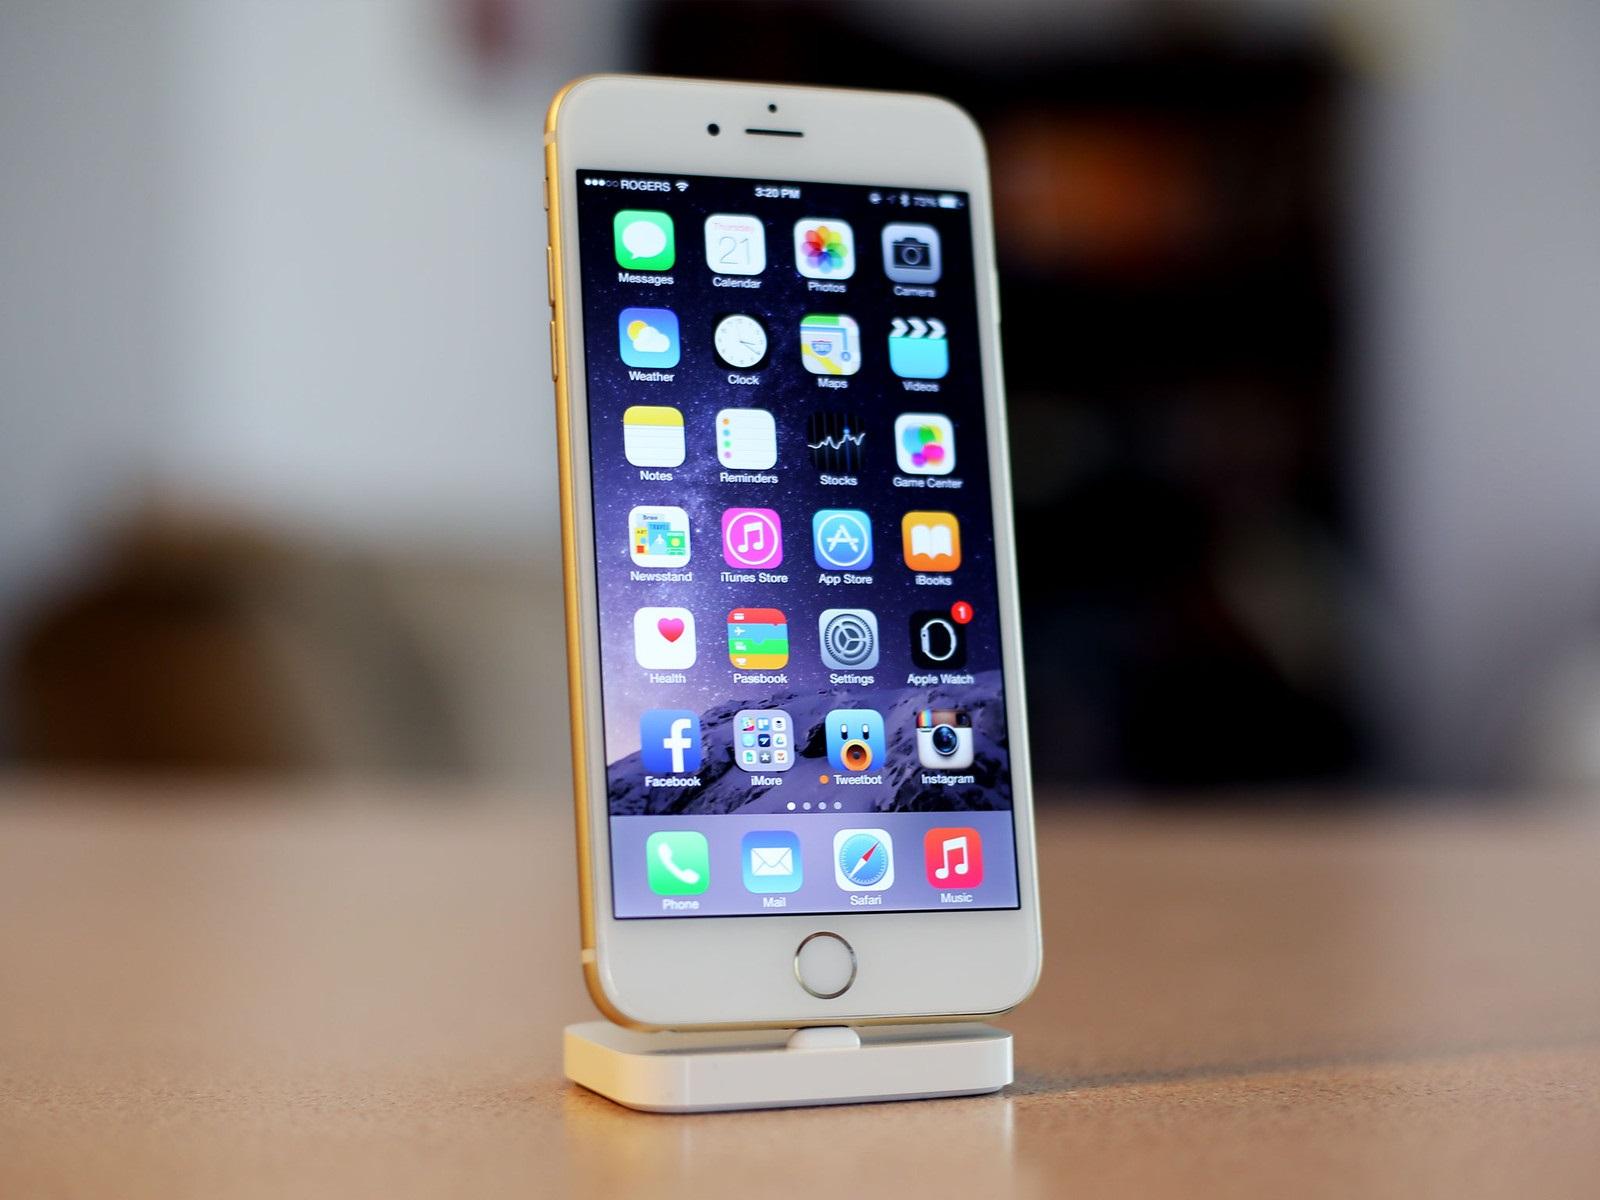 đánh giá iphone 6 32gb chính xác nhất